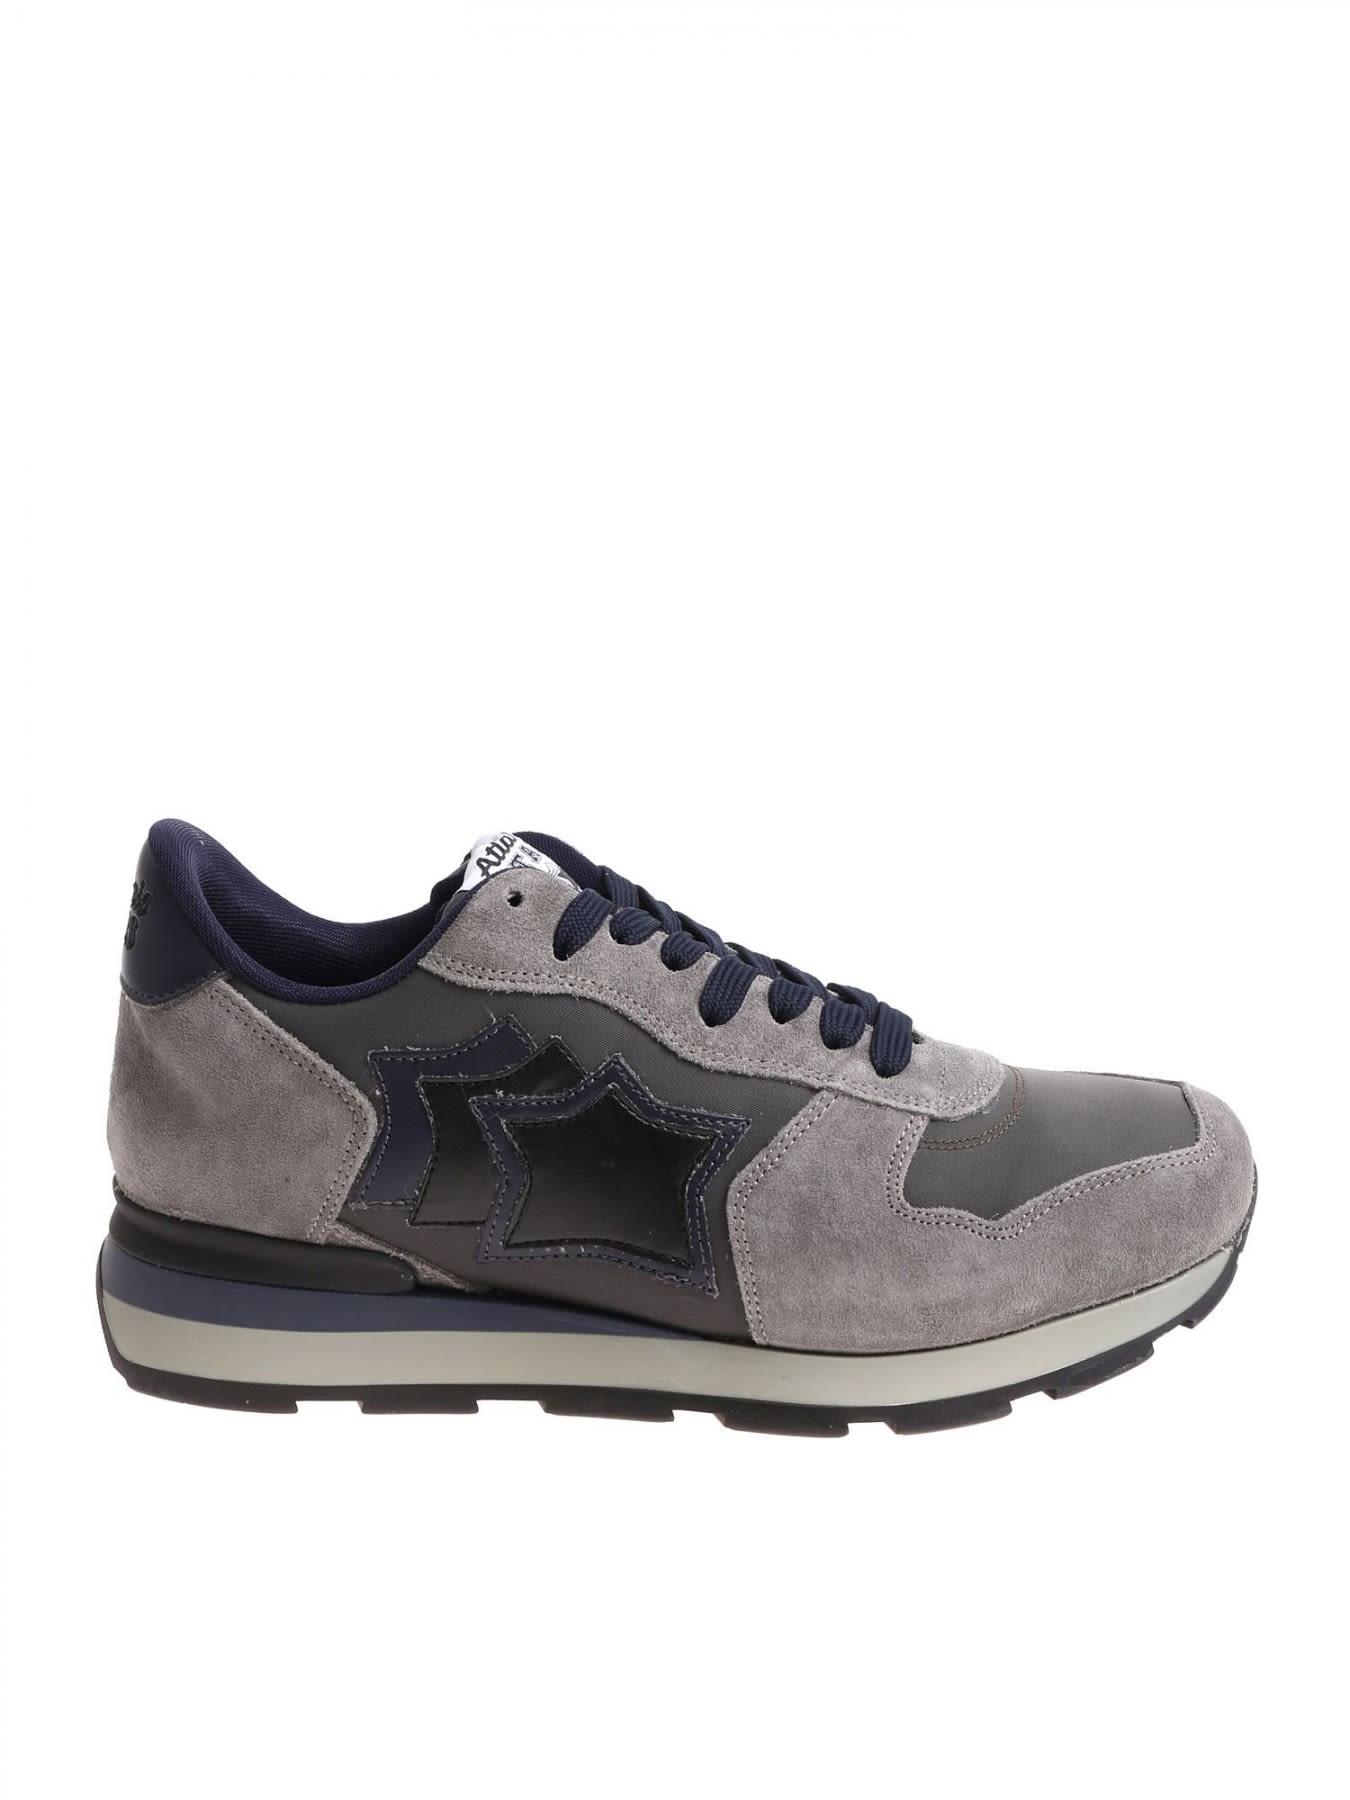 Suede Sneakers Antares Ga 06n